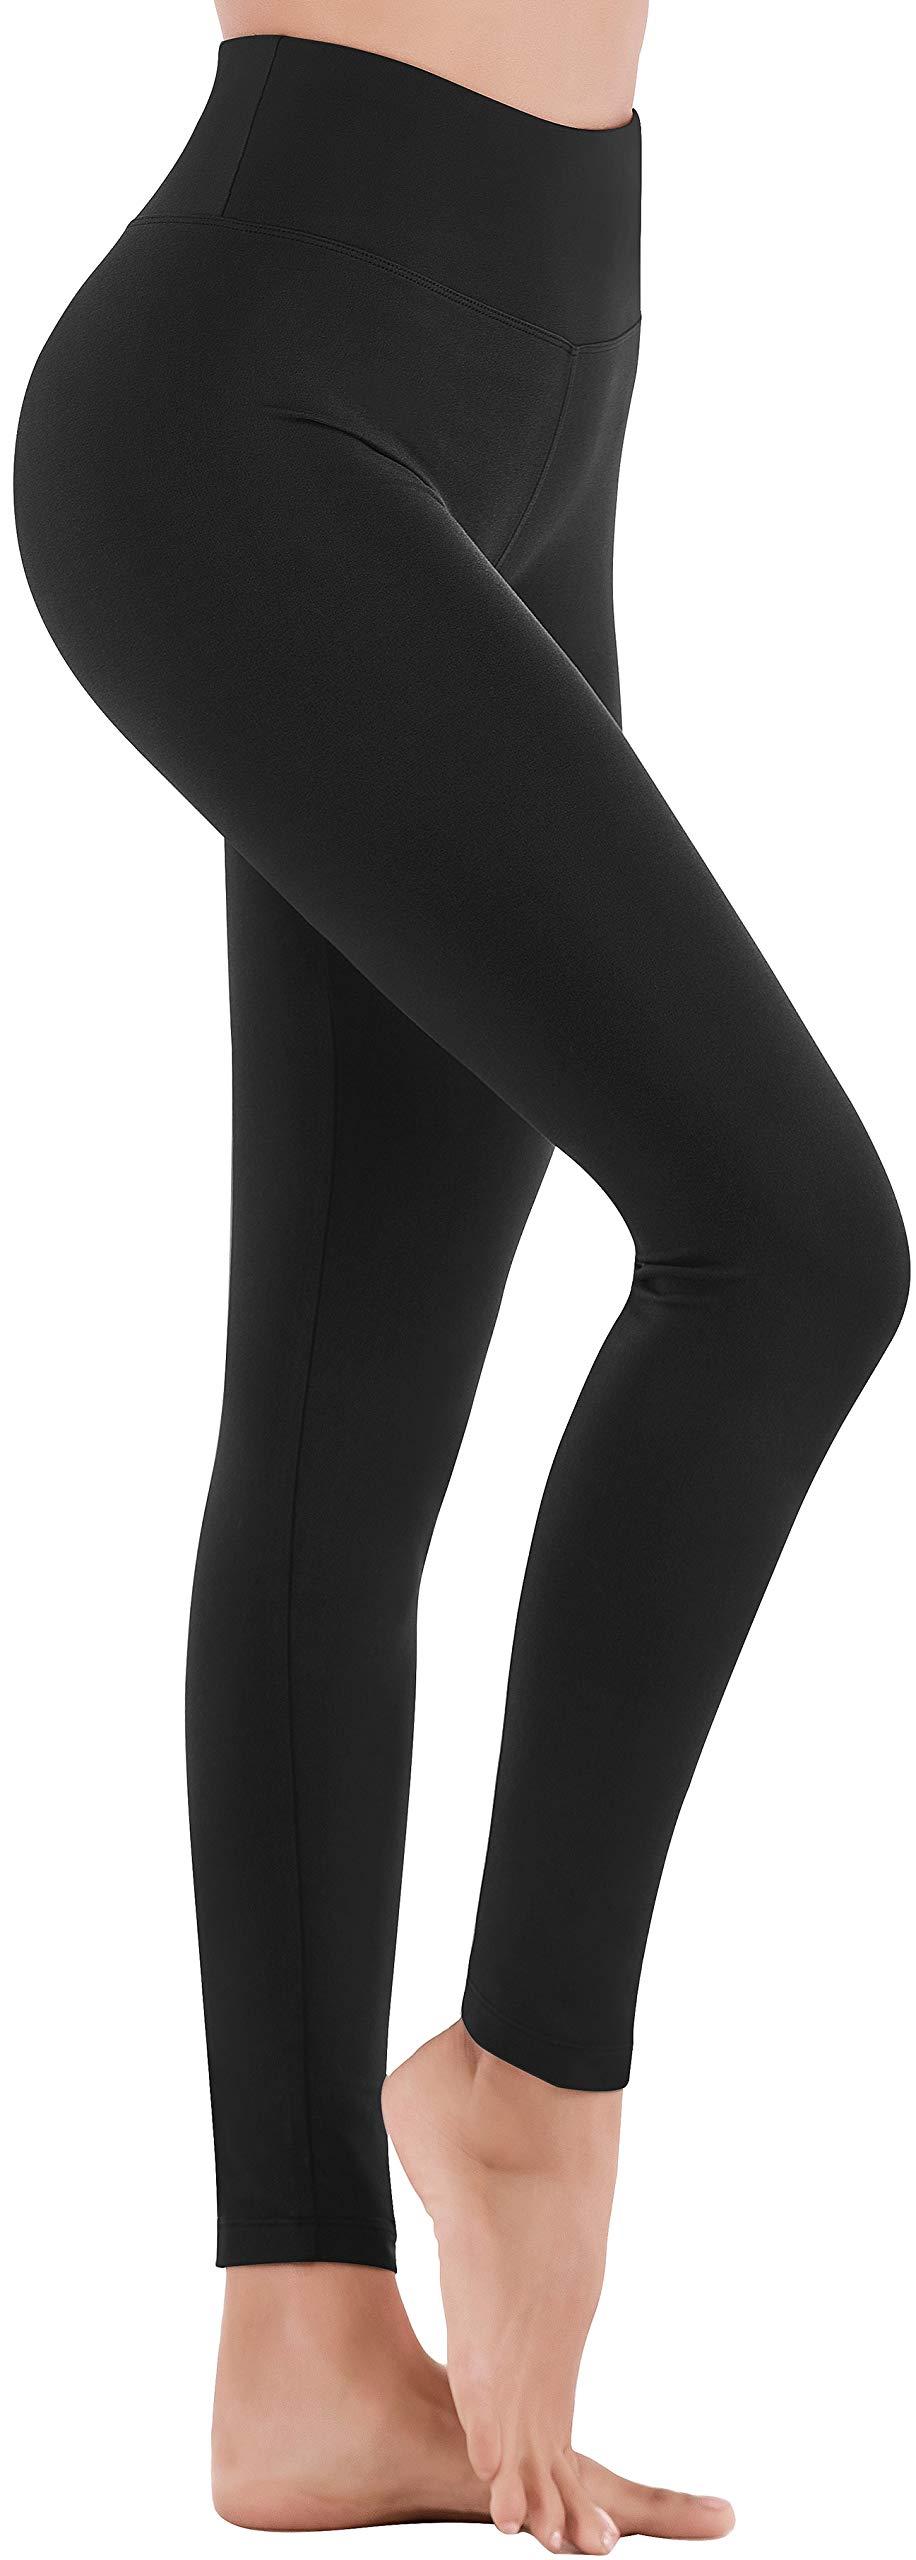 IUGA High Waisted Yoga Leggings for Women Workout Leggings with Inner Pocket, Soft Basic Leggings for Everyday